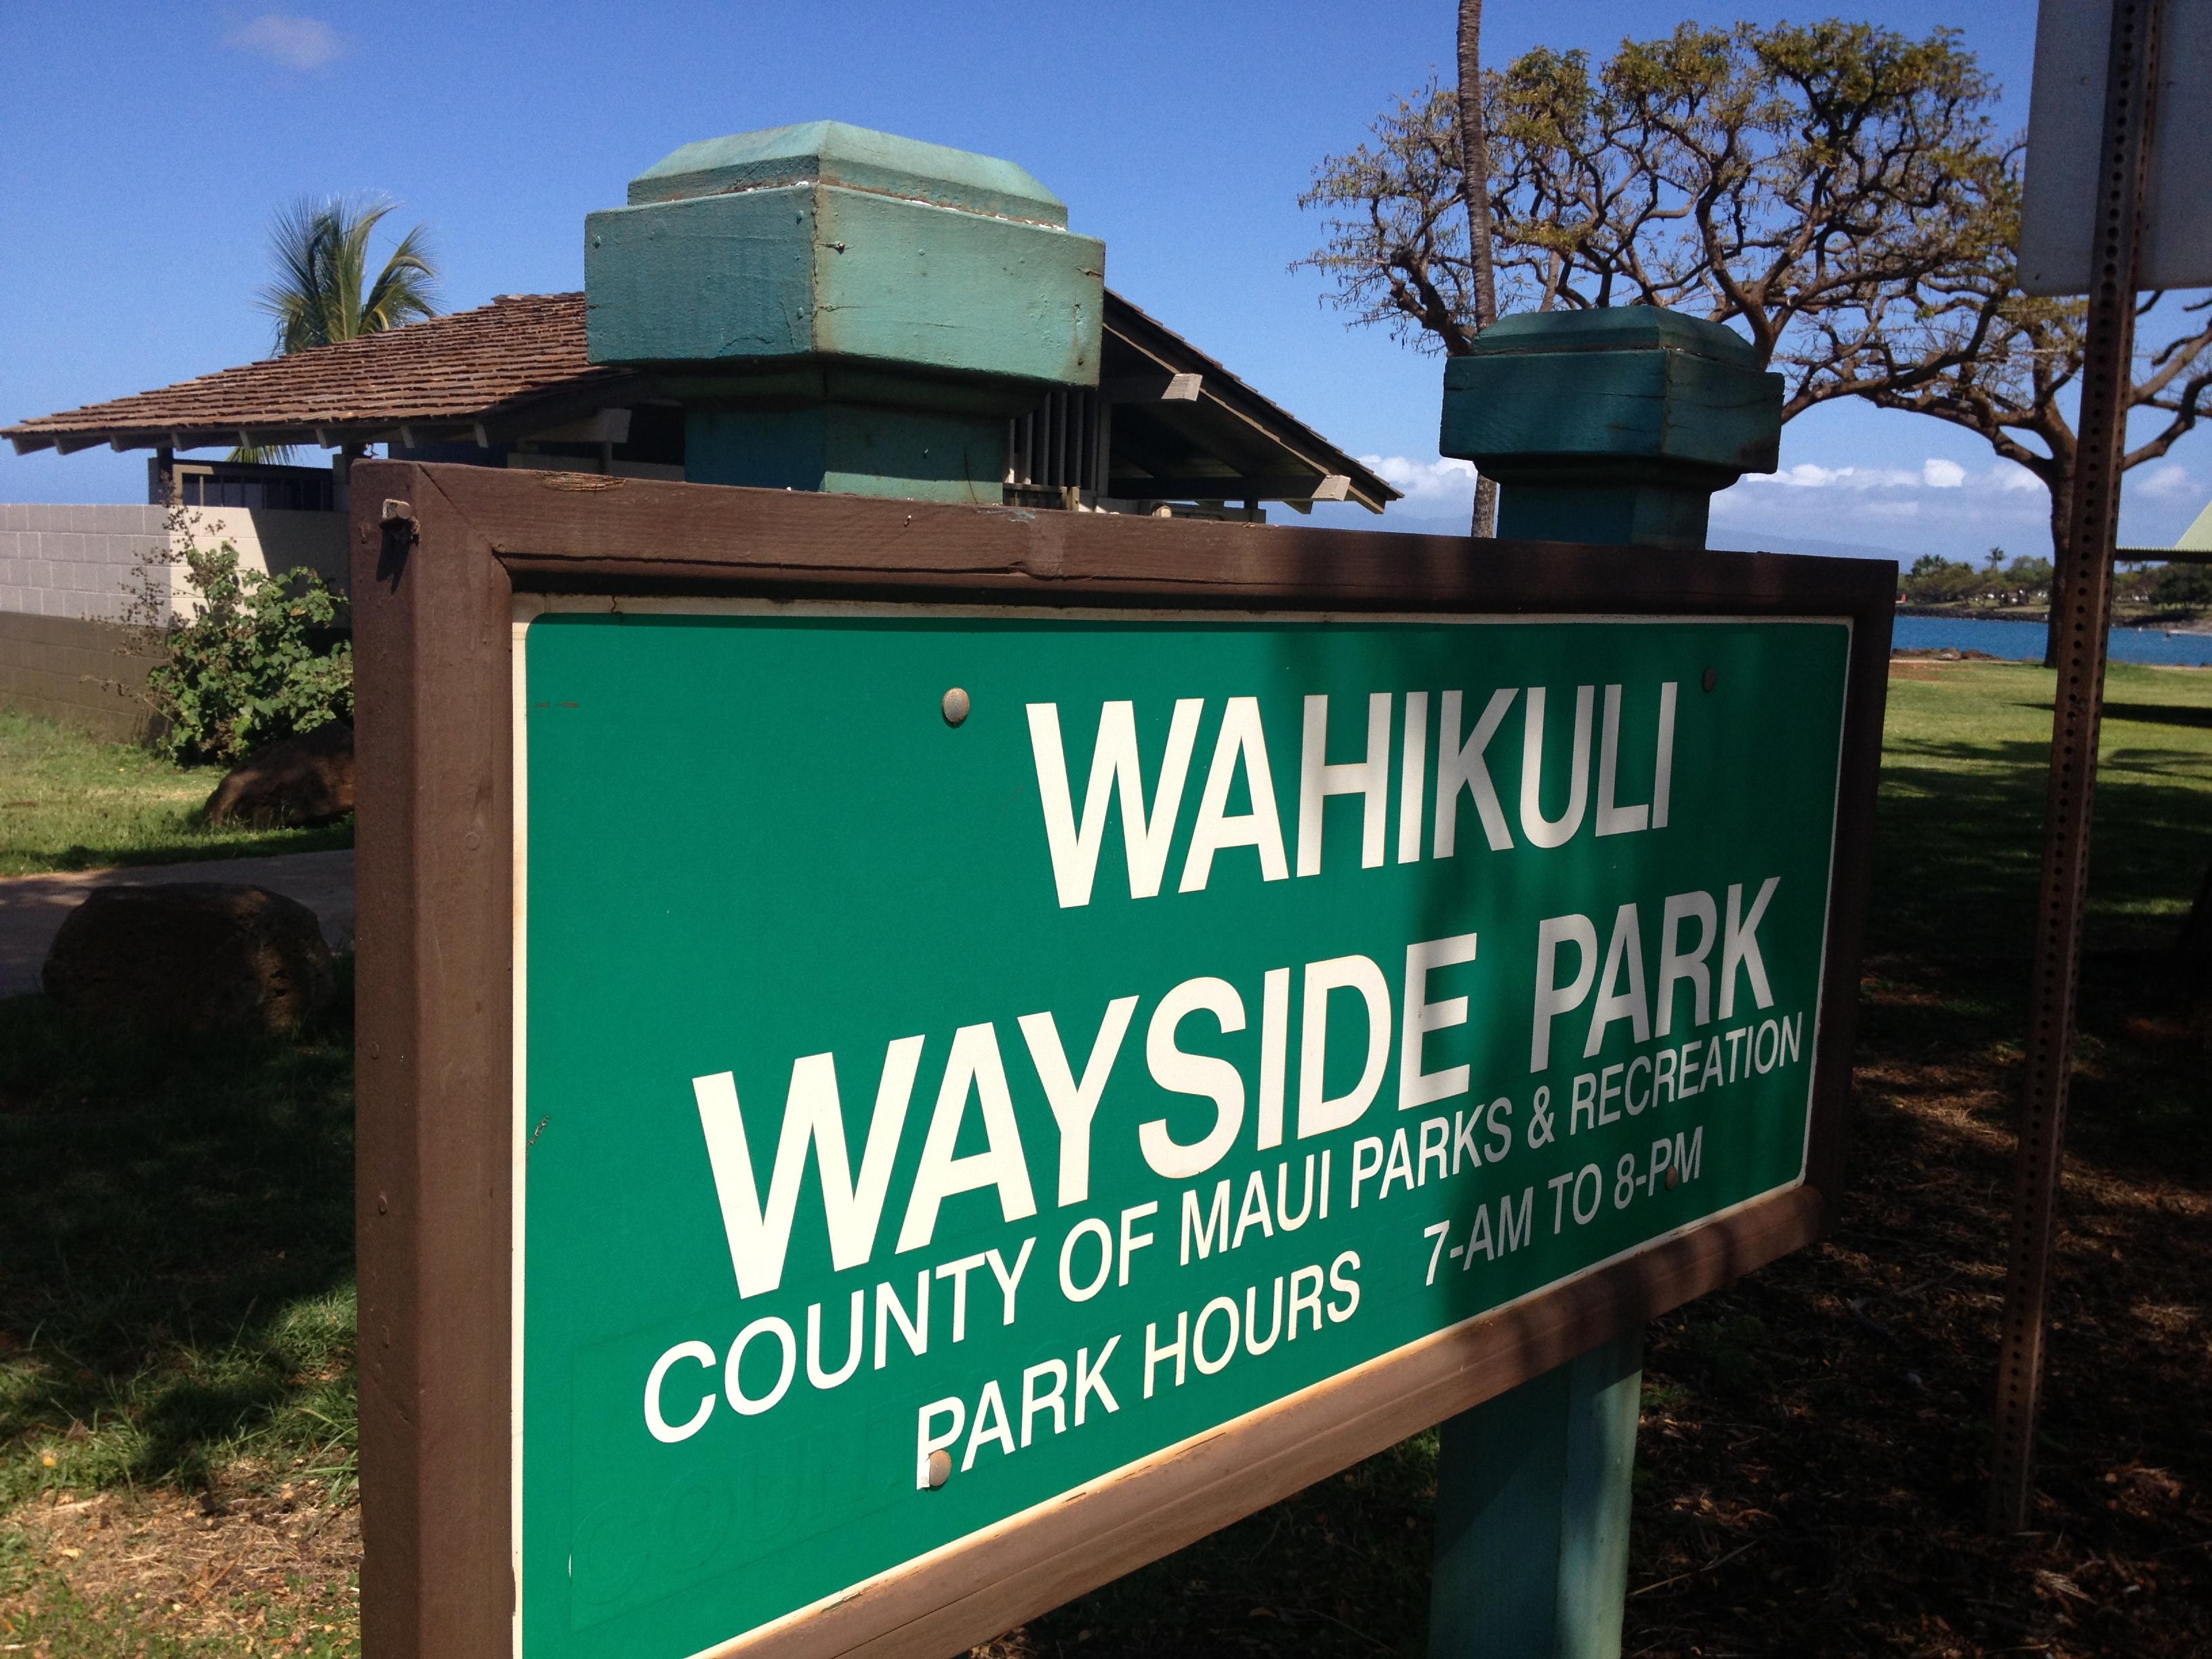 Wahikuli